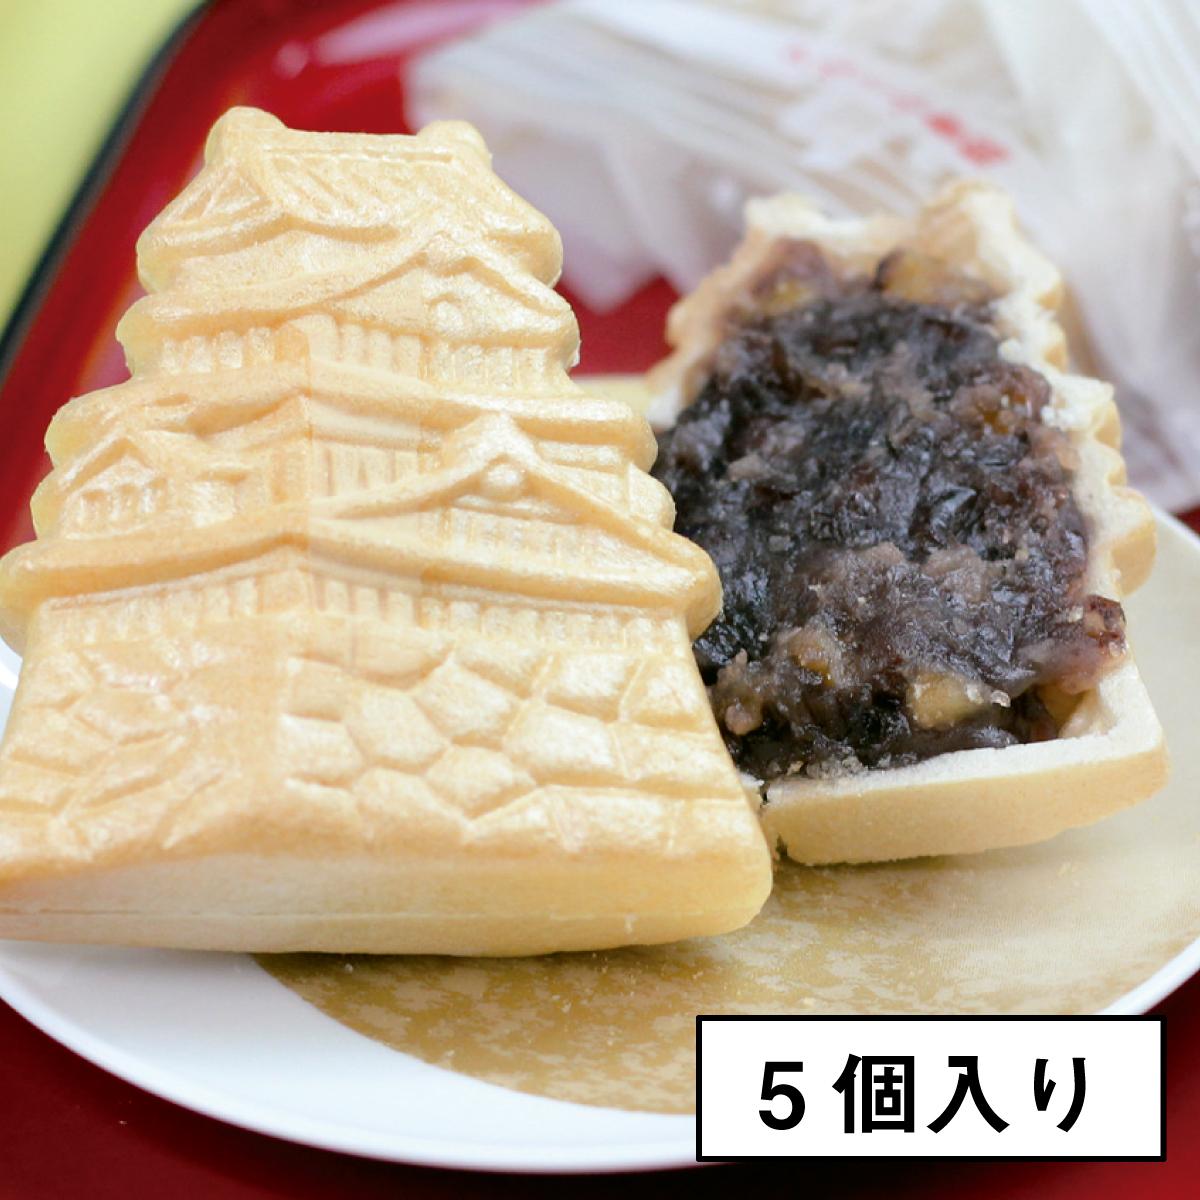 【冬季限定】掛川城もなか(5個入り)